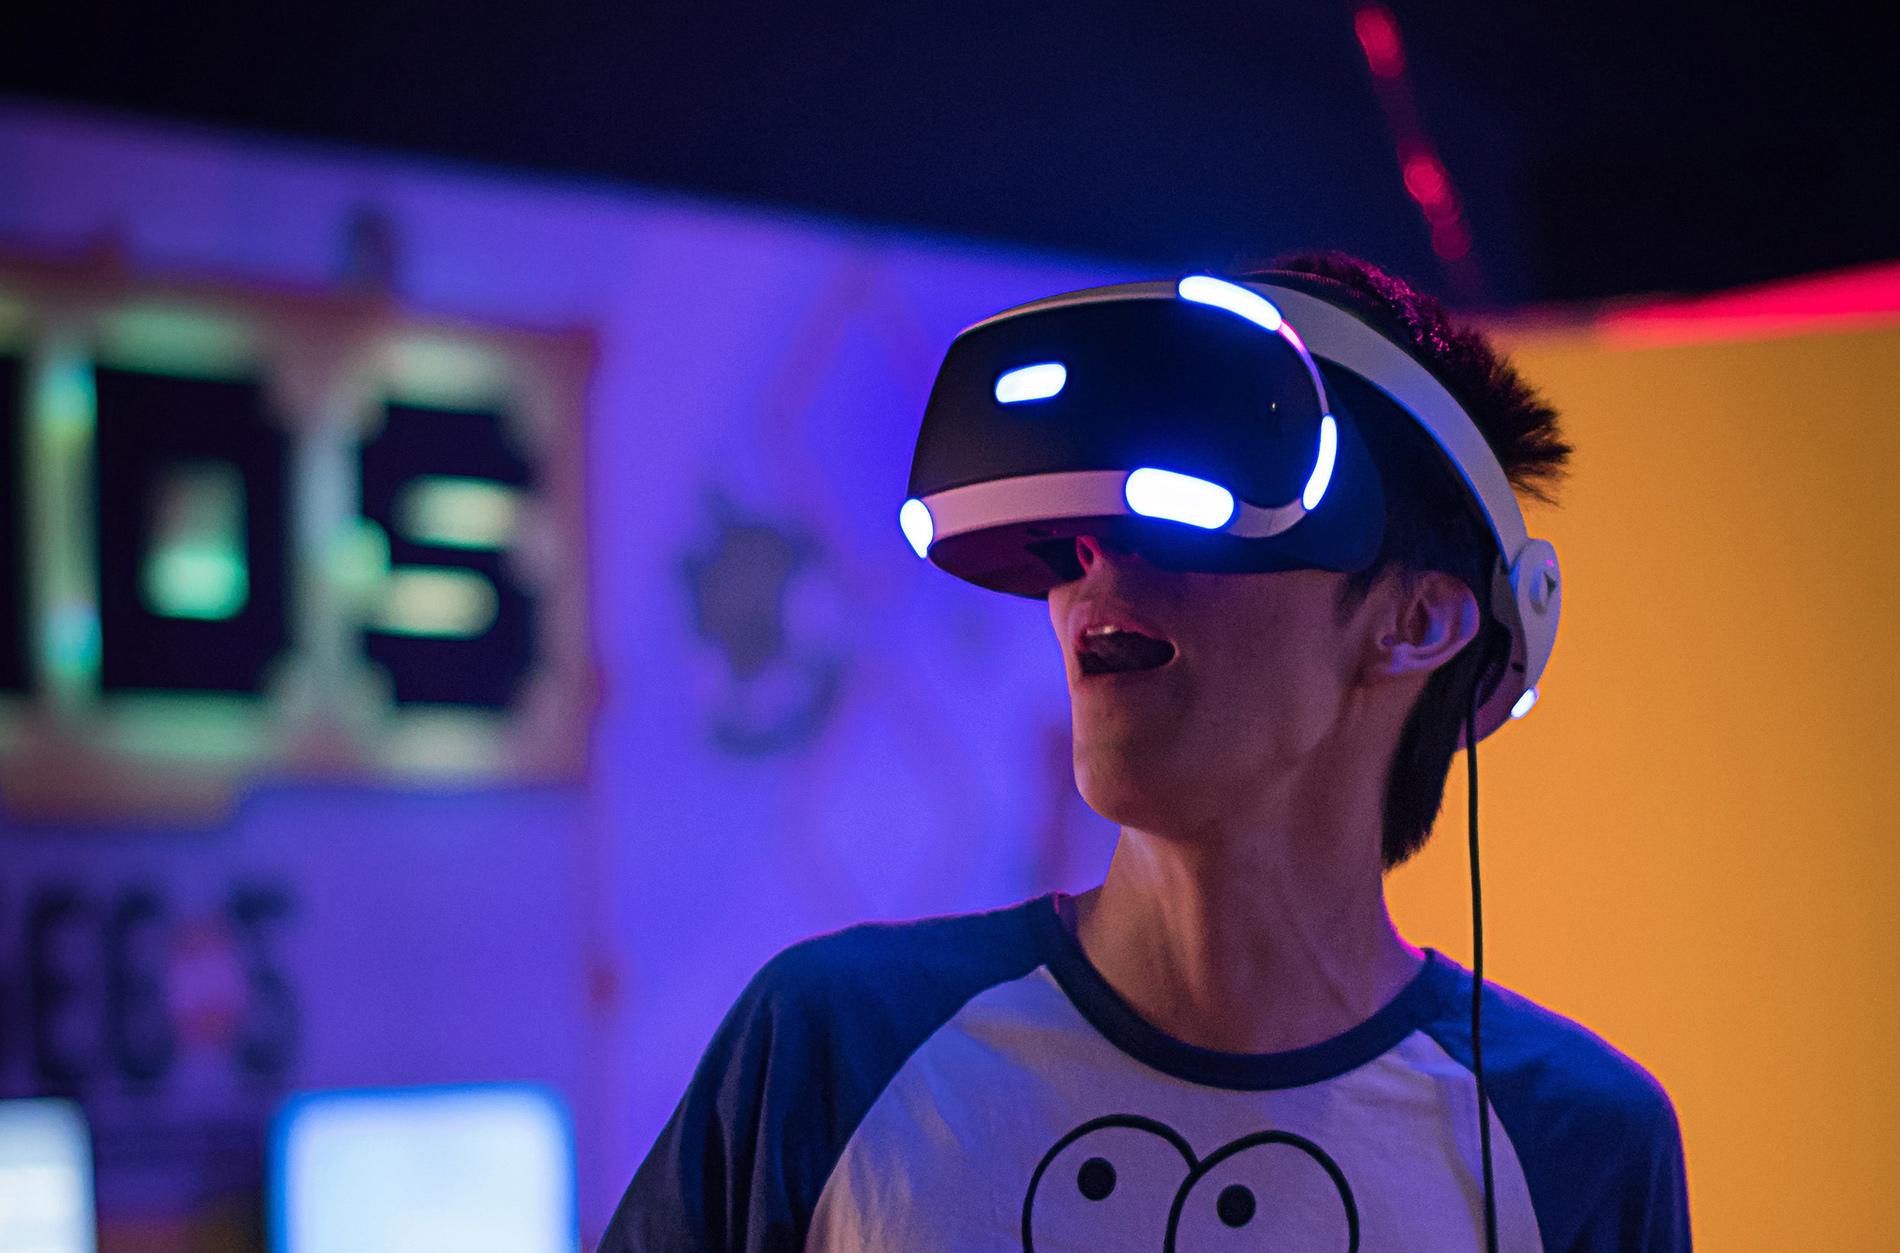 Mensch mit Virtual Reality Brille